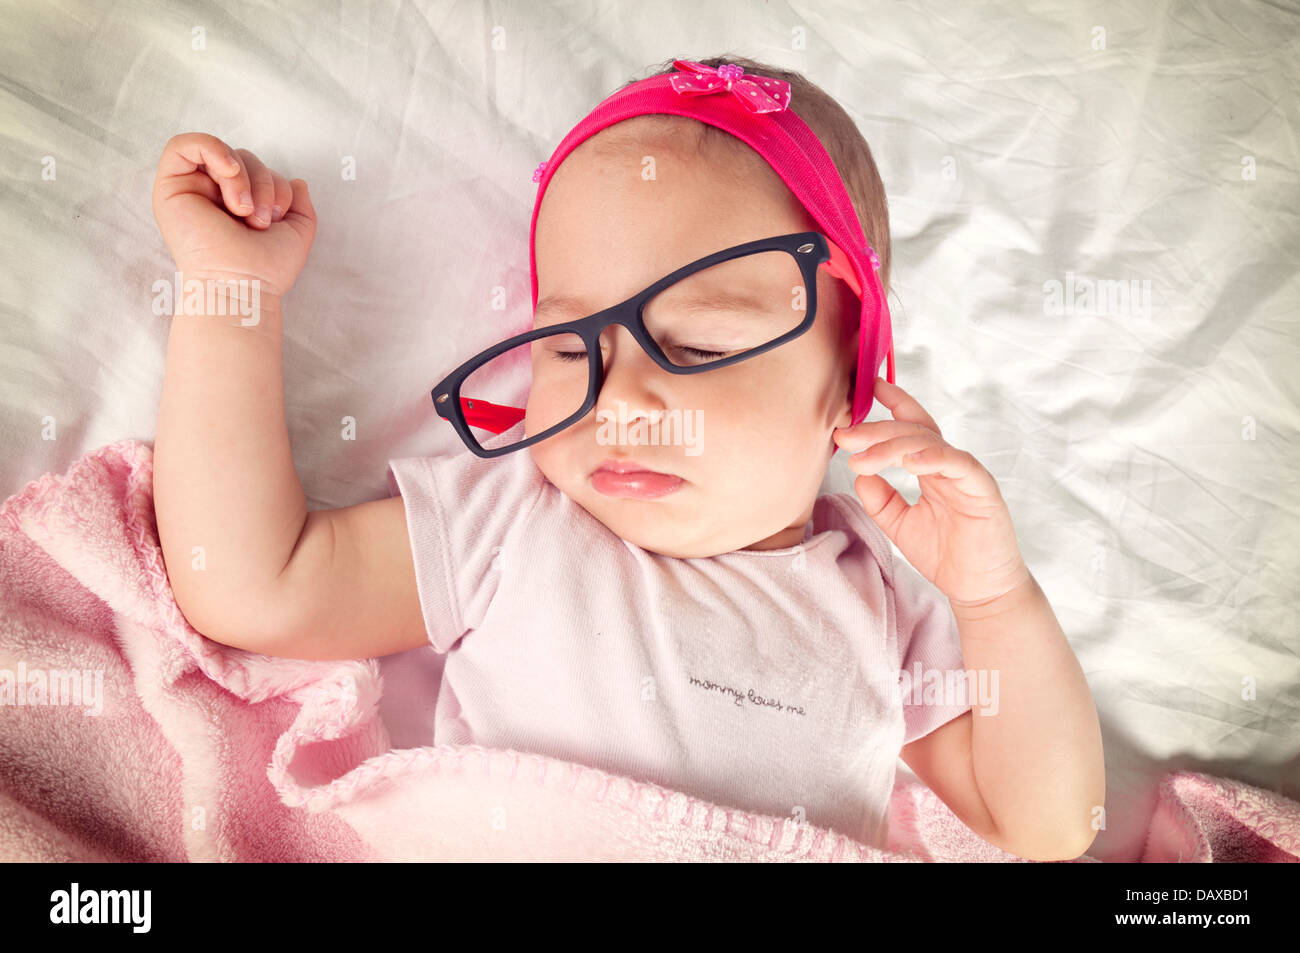 Funny Sleepy Baby With Eyewear On Her Head Stock Photo Alamy